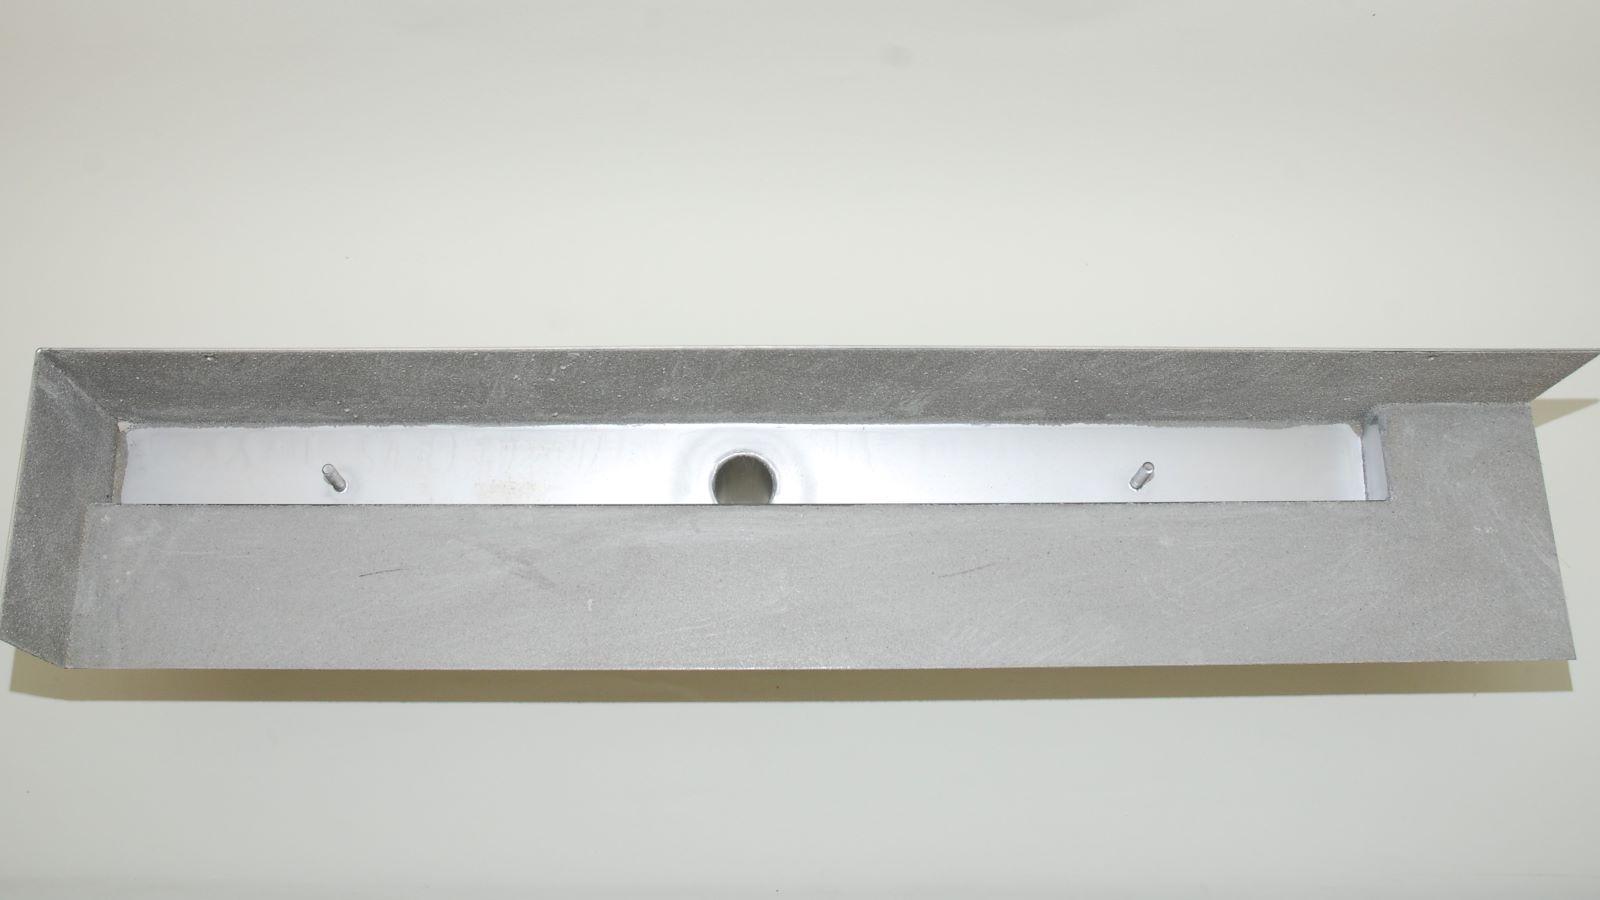 Die Sonderanfertigung auf dem bild zeigt die aufkantungen fuer den einbau in eine Ecke links. Die sehr flache v4a edelstahl-duschrinne pro hat eine sehr hohe ablaufleistung bei nur 20 mm oder 40 mm einbauhoehe. Die geringe einbauhoehe ist optimal fuer die planung bodengleicher duschen. Auf dem bild sichtbar ist der 40 mm freie abfluss der duschrinne pro. Hierdurch wird die ebenerdige dusche sehr gut entwaessert. Der ablauf der duschrinne pro ist frei positionierbar. Ebenso kann die richtung des ablusses frei bestimmt werden. Die sonderanfertigung der duschrinne pro auf dem bild ist eine von unendlich vielen moeglichen massanfertigungen. Das ist optimal fuer die planung einer individuellen barrierefreien dusche.